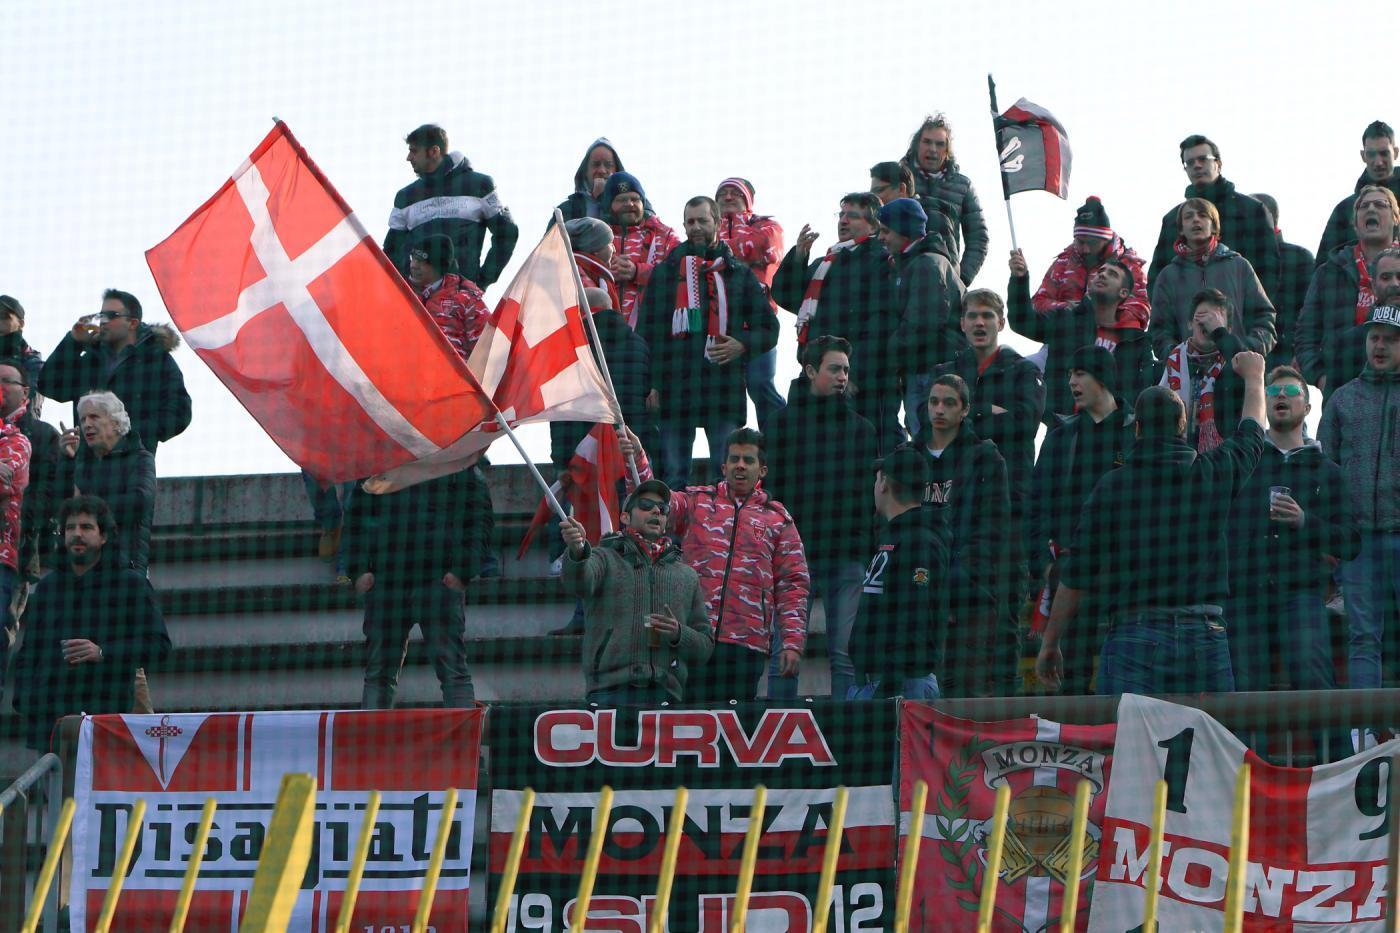 Monza-Pro Piacenza 24 marzo, analisi e pronostico